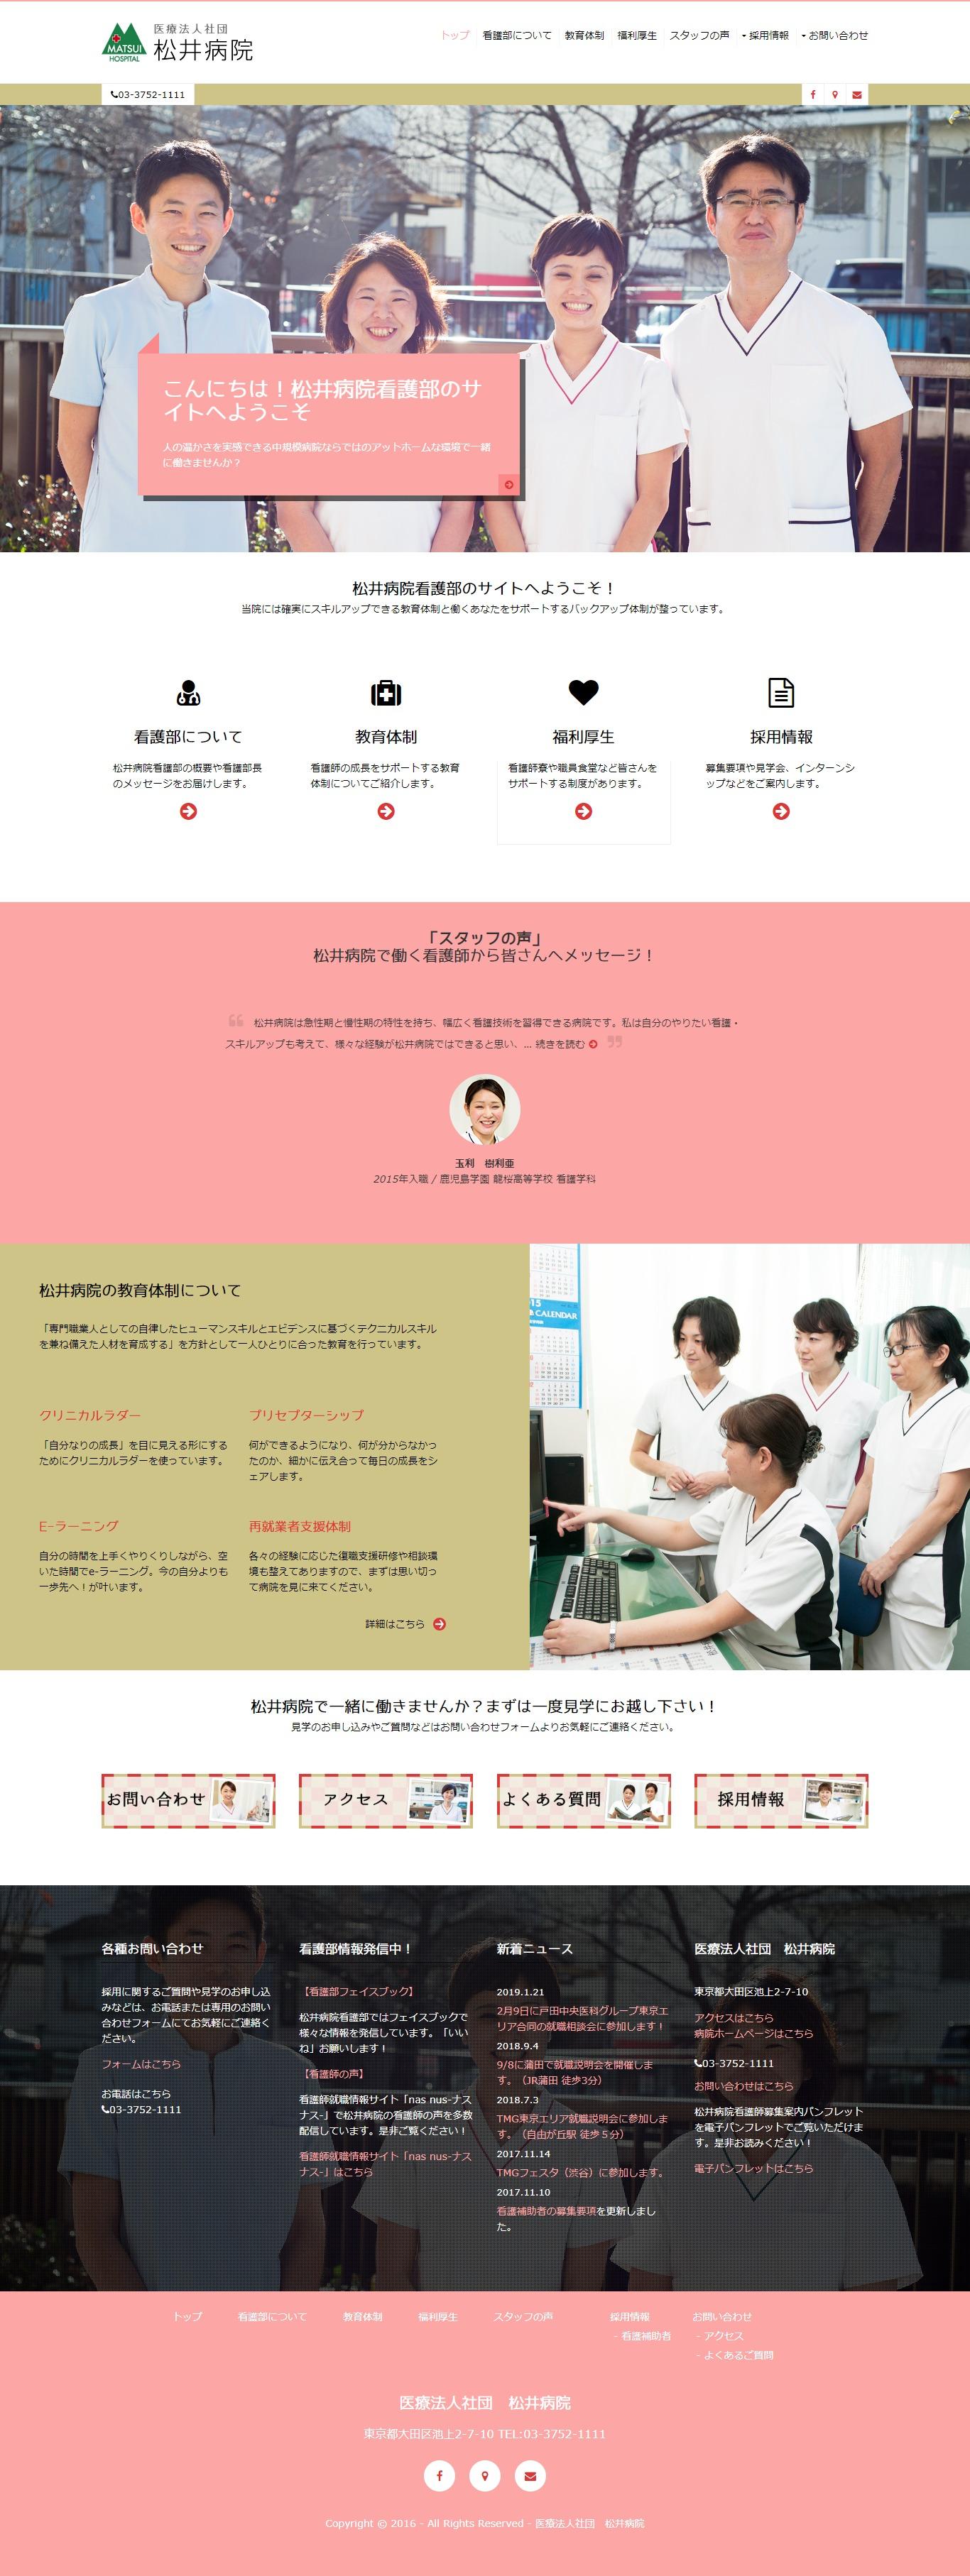 2000年4月作成「松井病院」看護部サイト